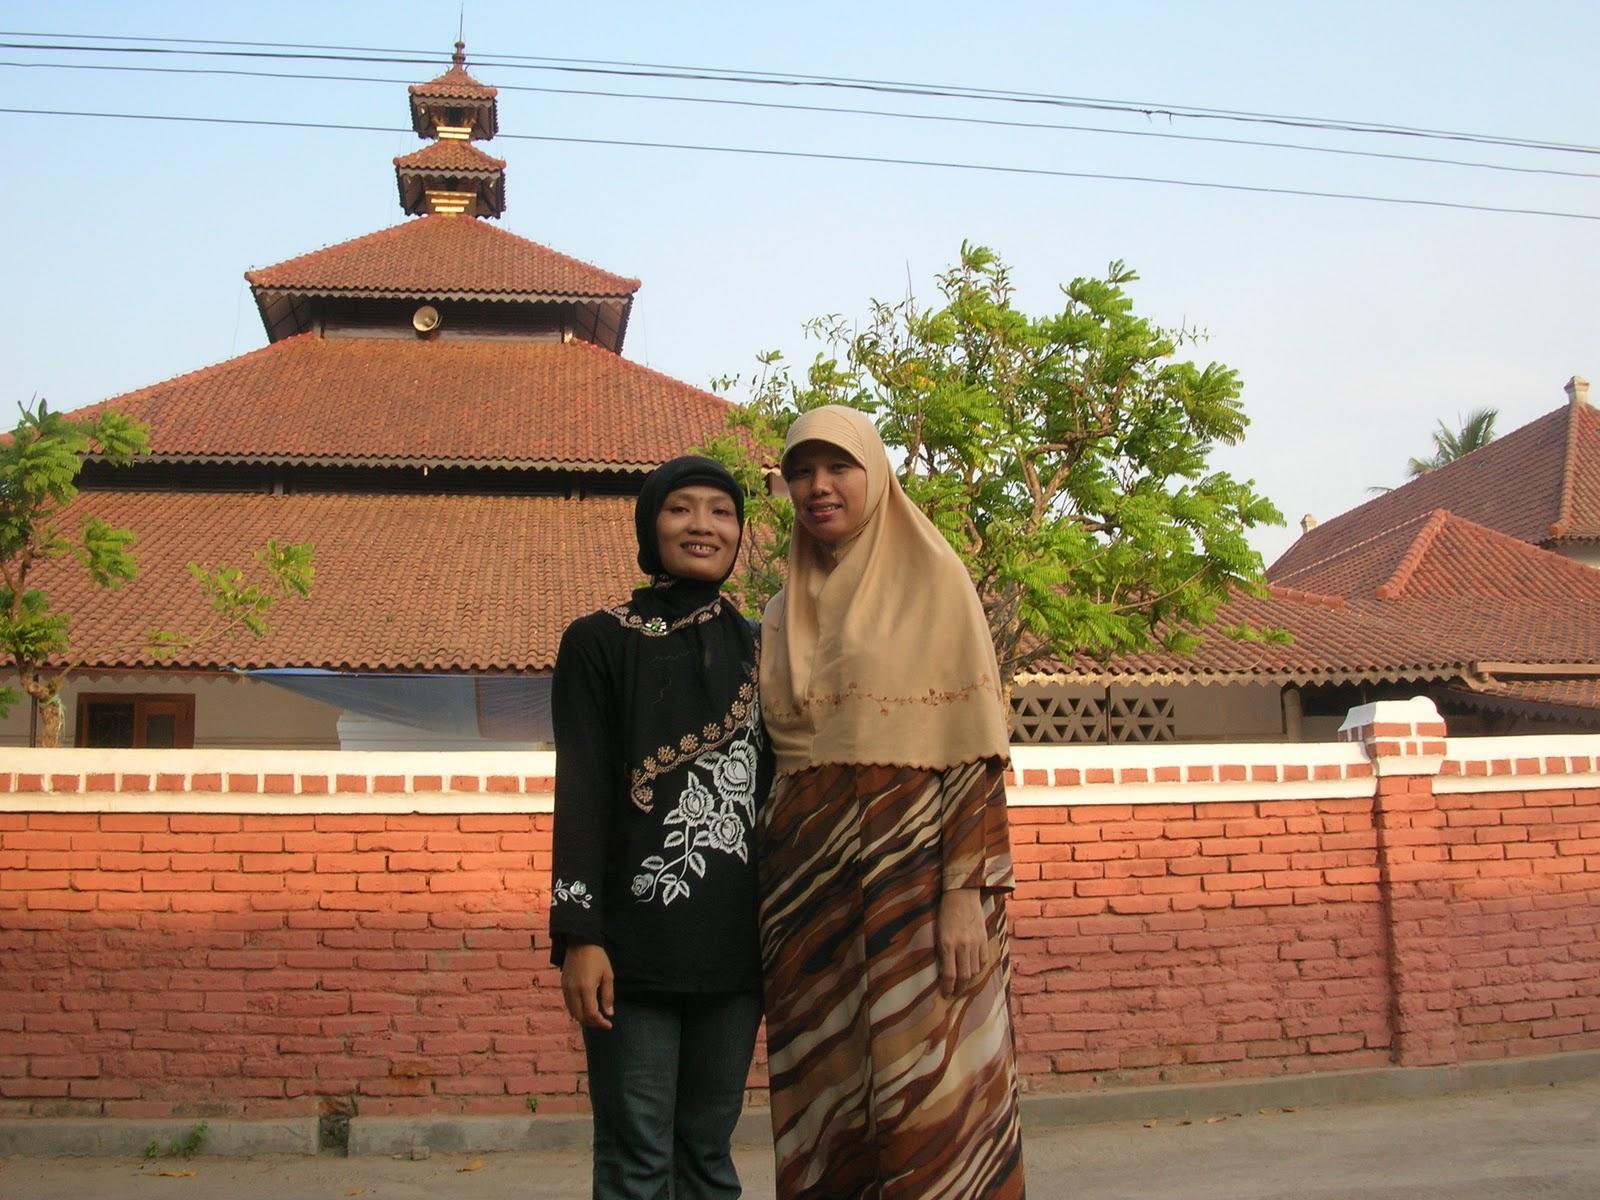 Masjid Agung Banten Unik Karena Atapnya Nusagates